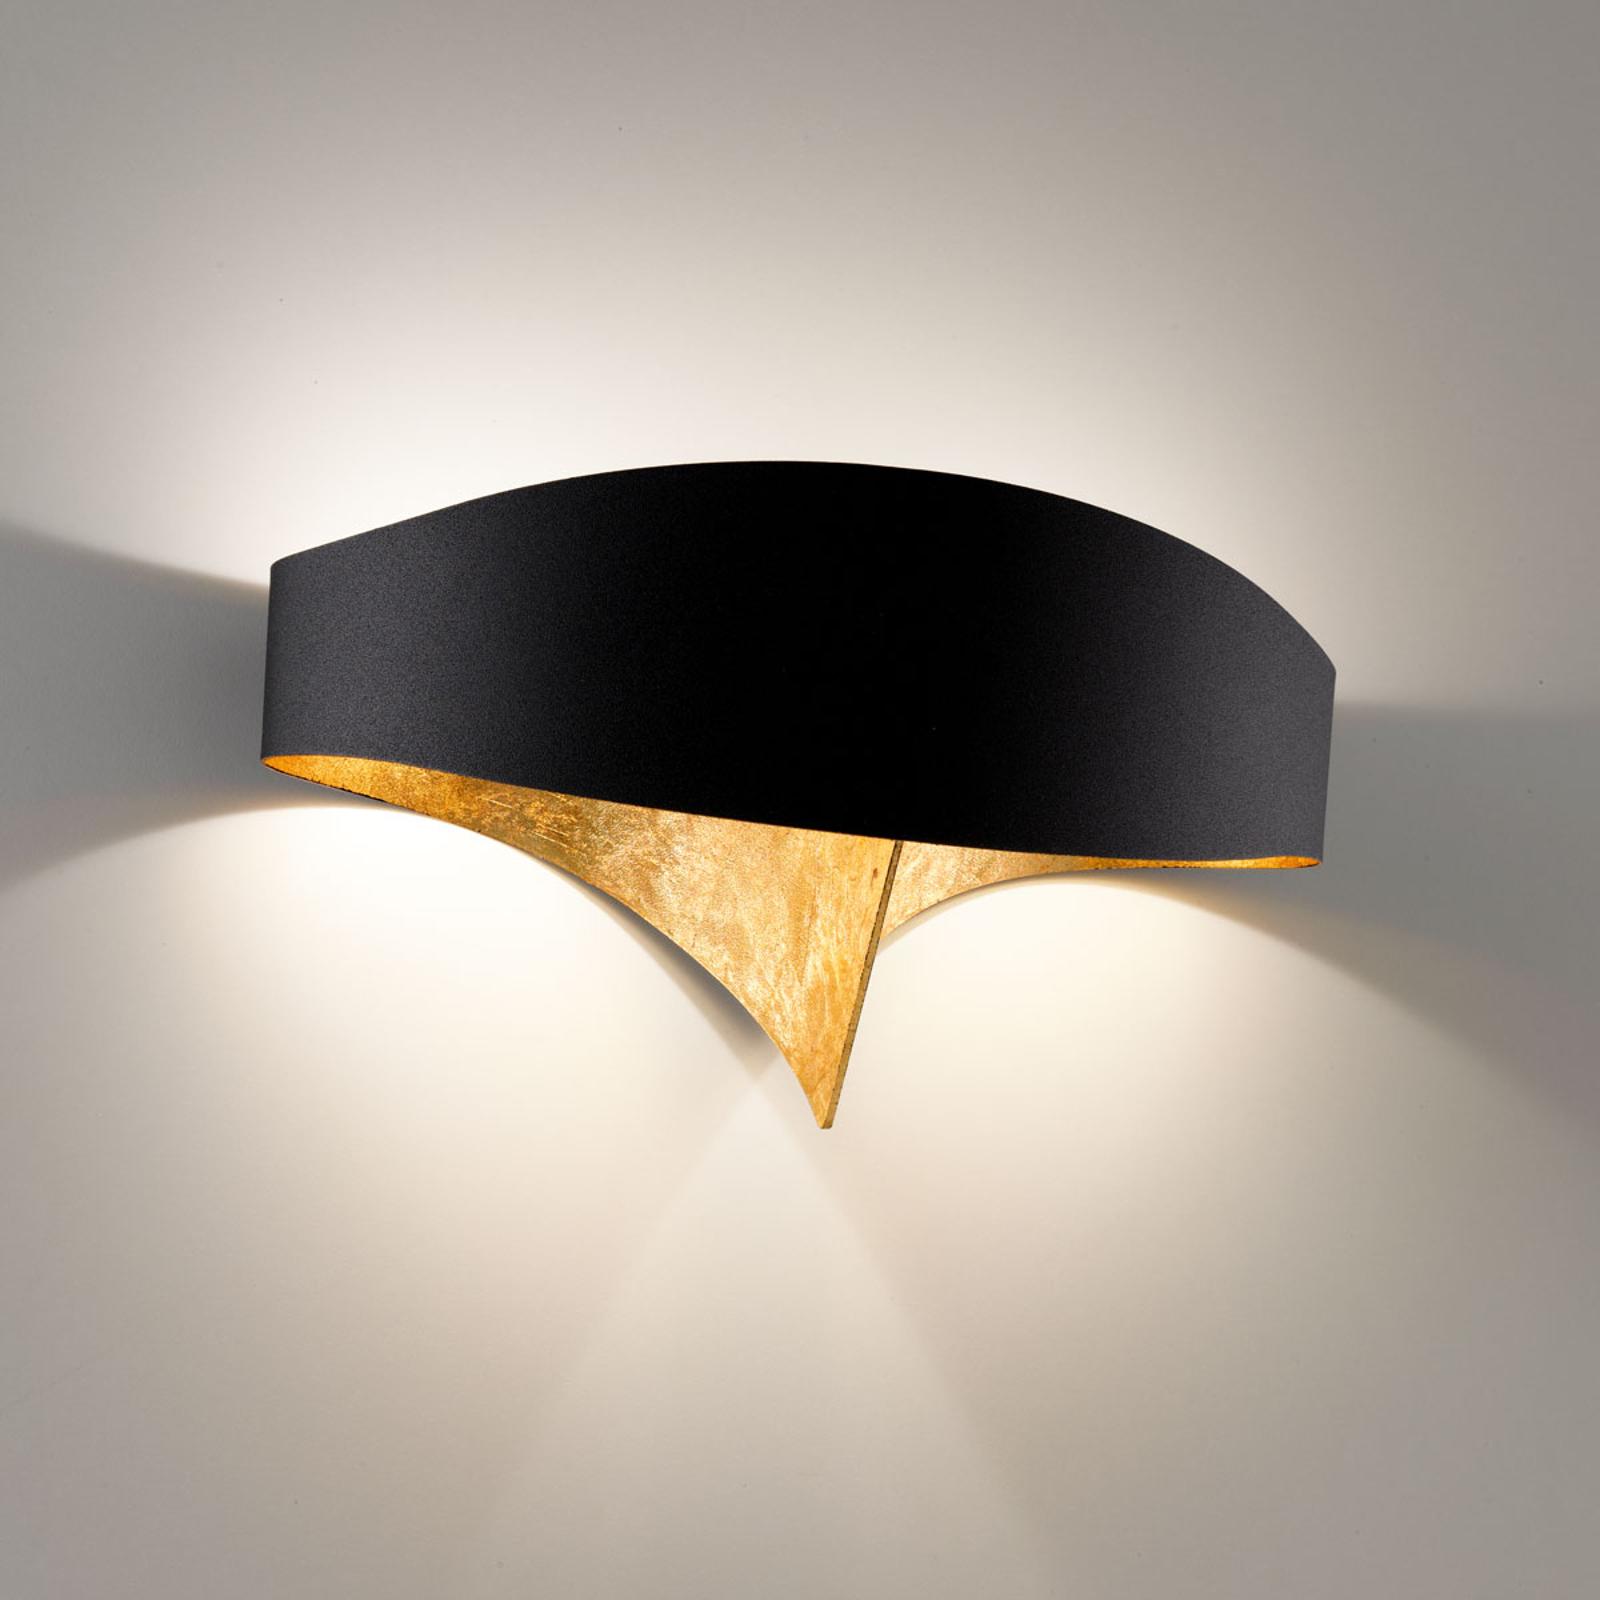 Musta-kultainen design-seinävalaisin Scudo